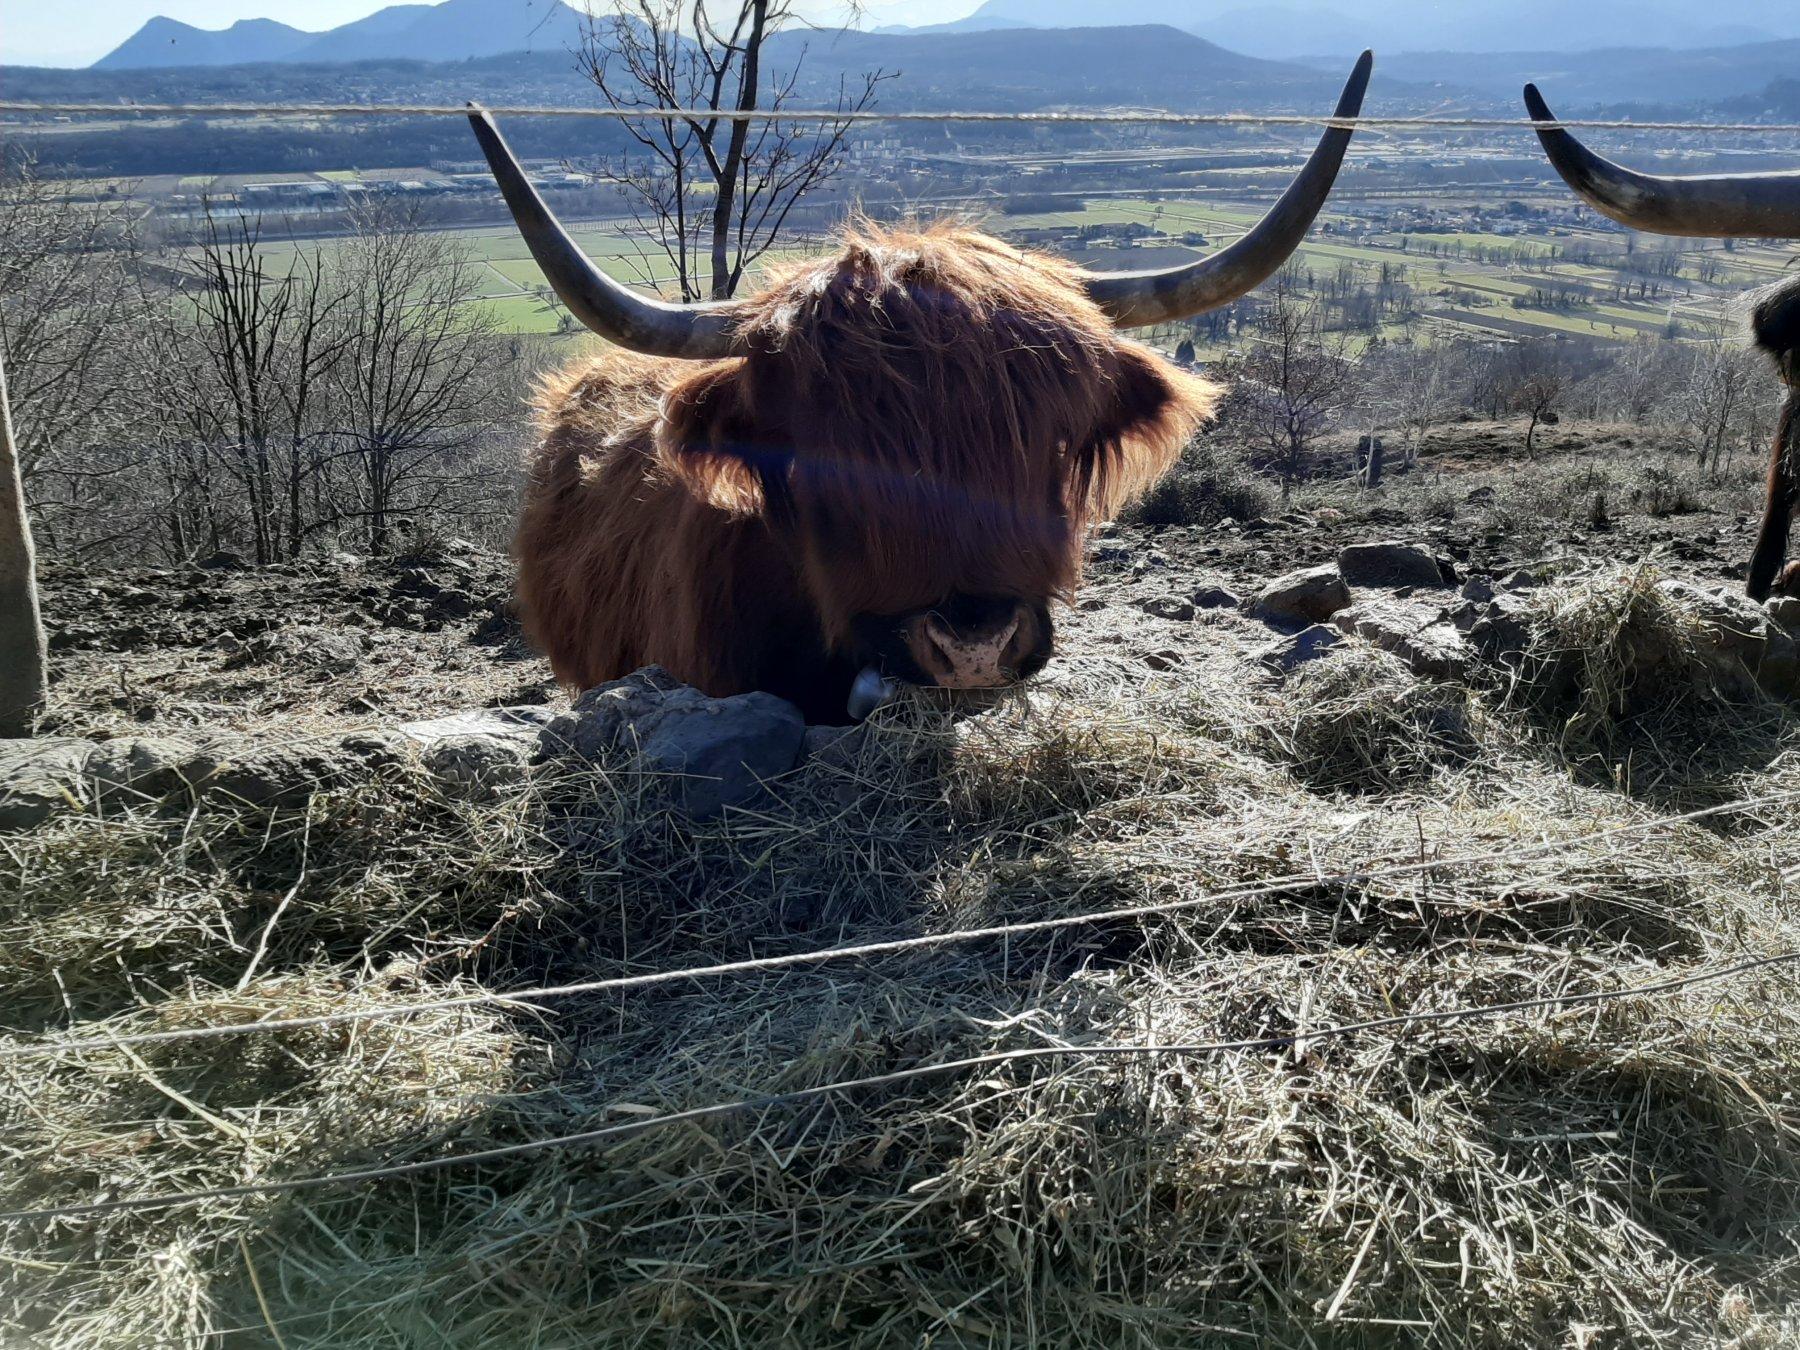 Allevamento di mucche di razza Highland nella prima parte del percorso